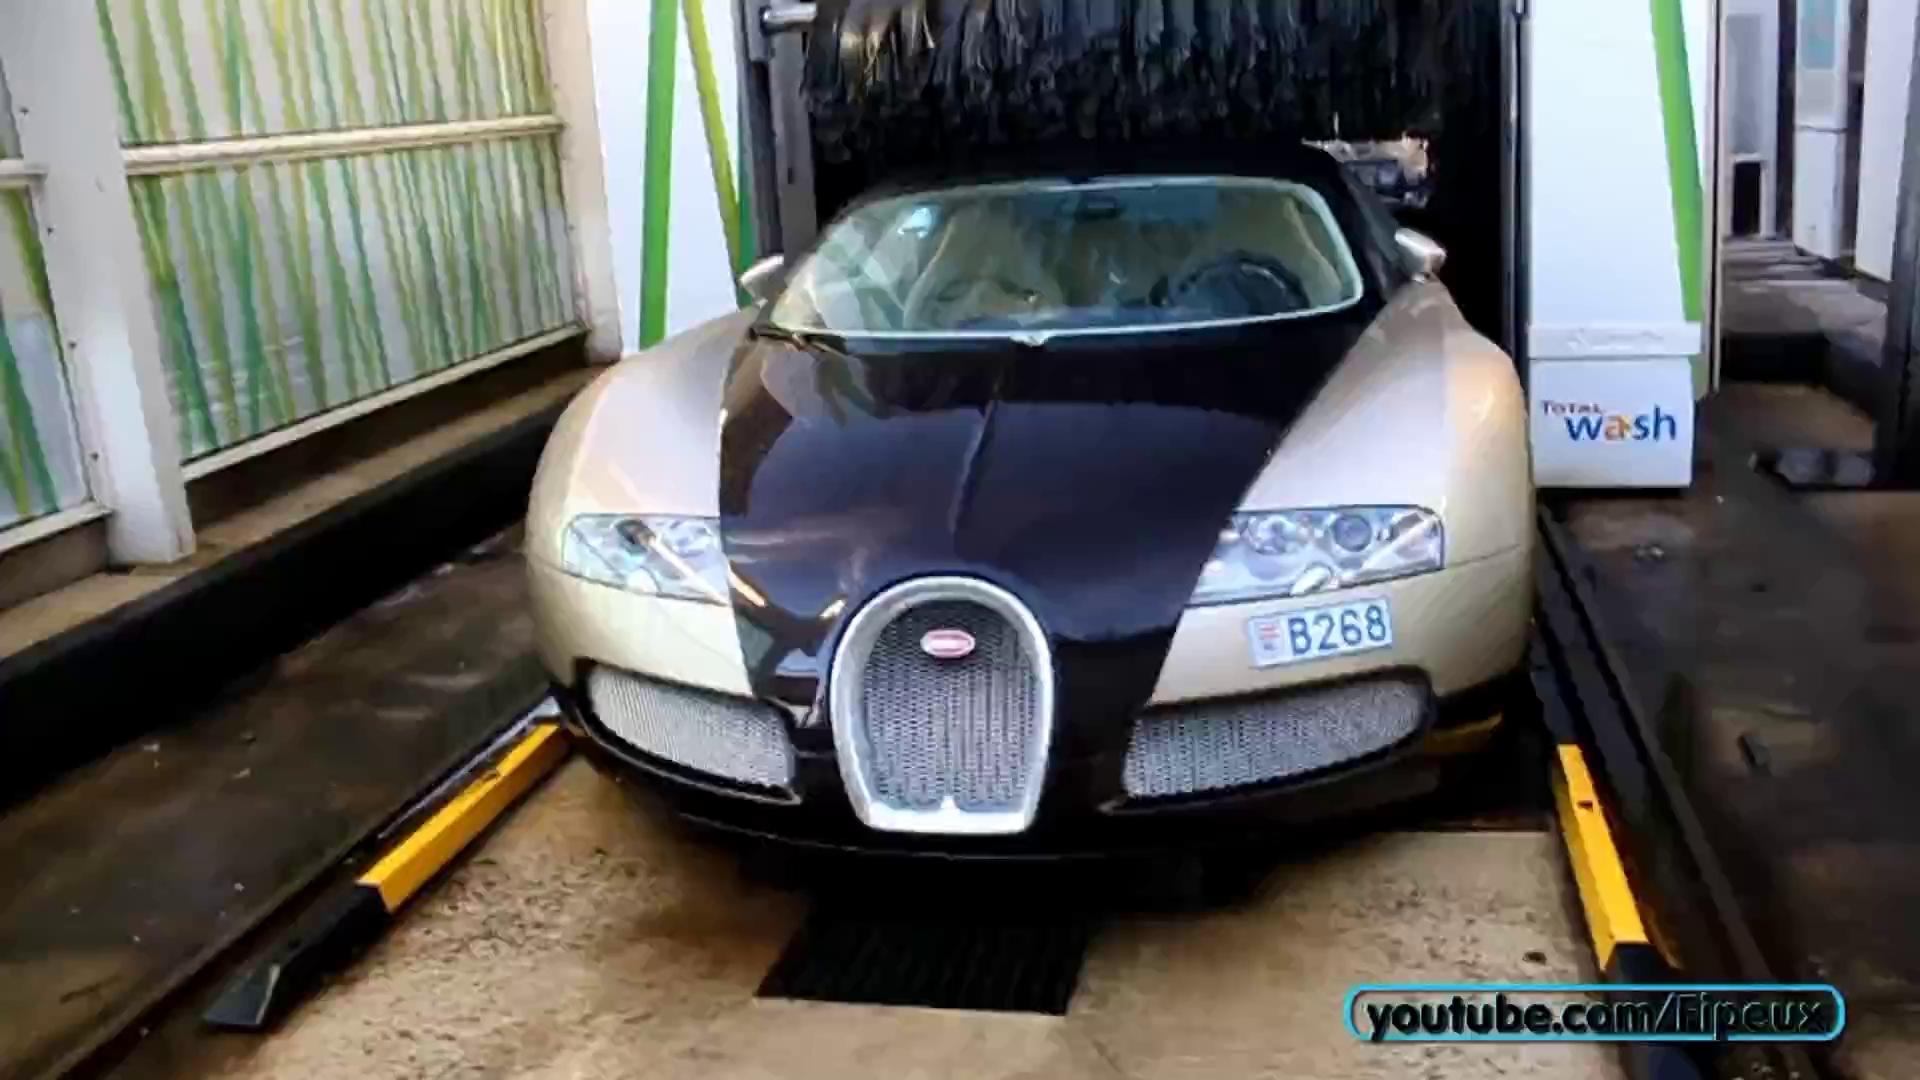 """Bugatti Veyron cũng """"đi tắm"""" tại cửa hàng rửa xe tự động như ô tô bình dân"""